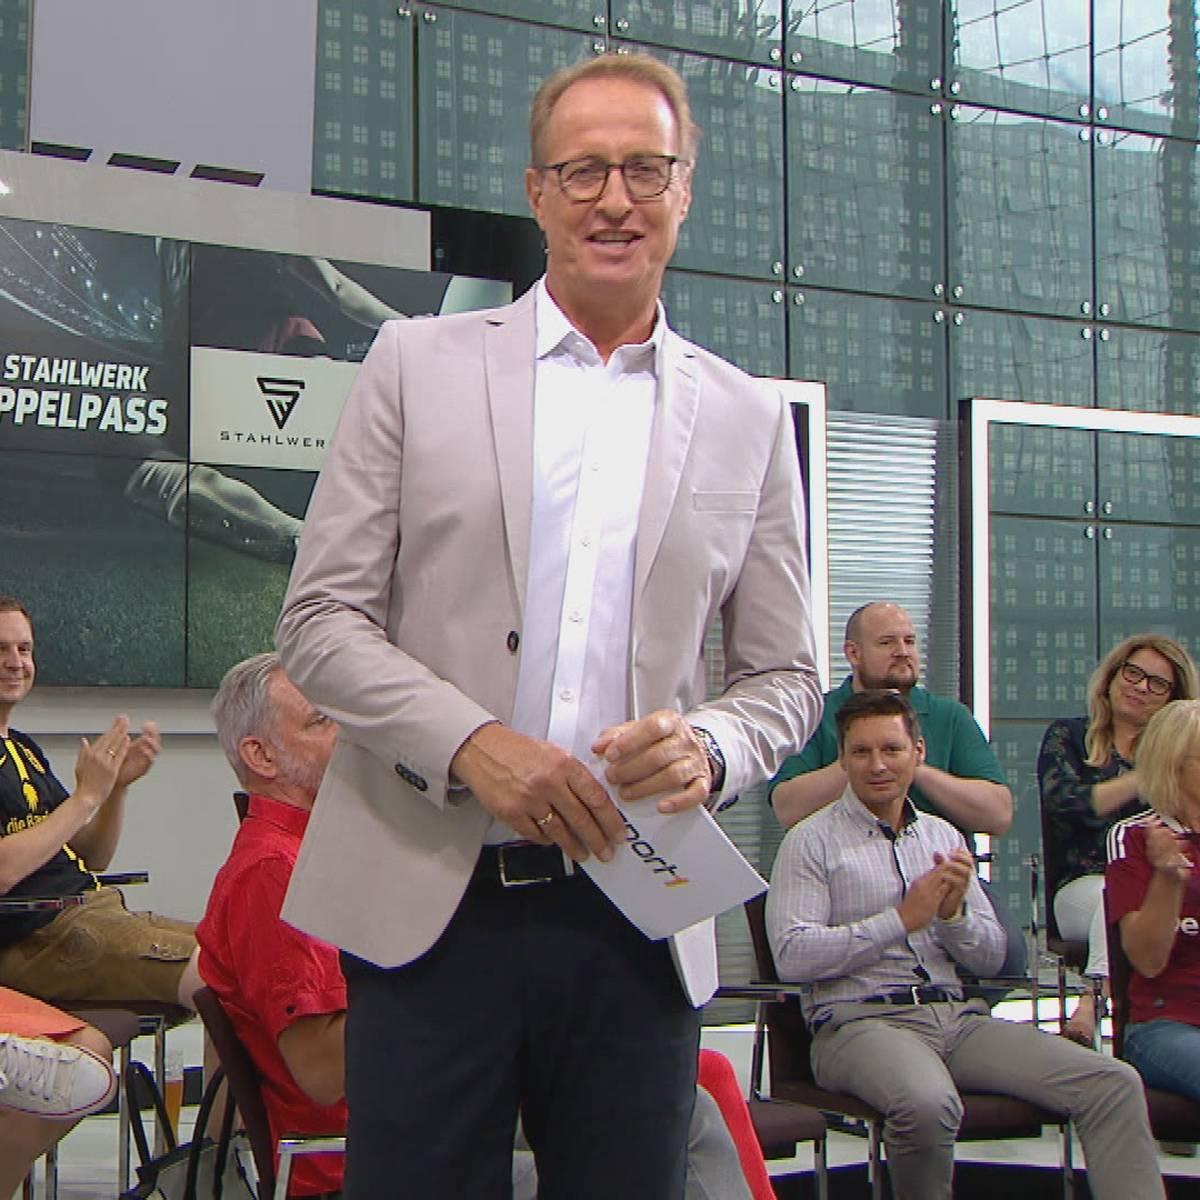 Doppelpass-Premiere für König: Darum duzt er Salihamidzic